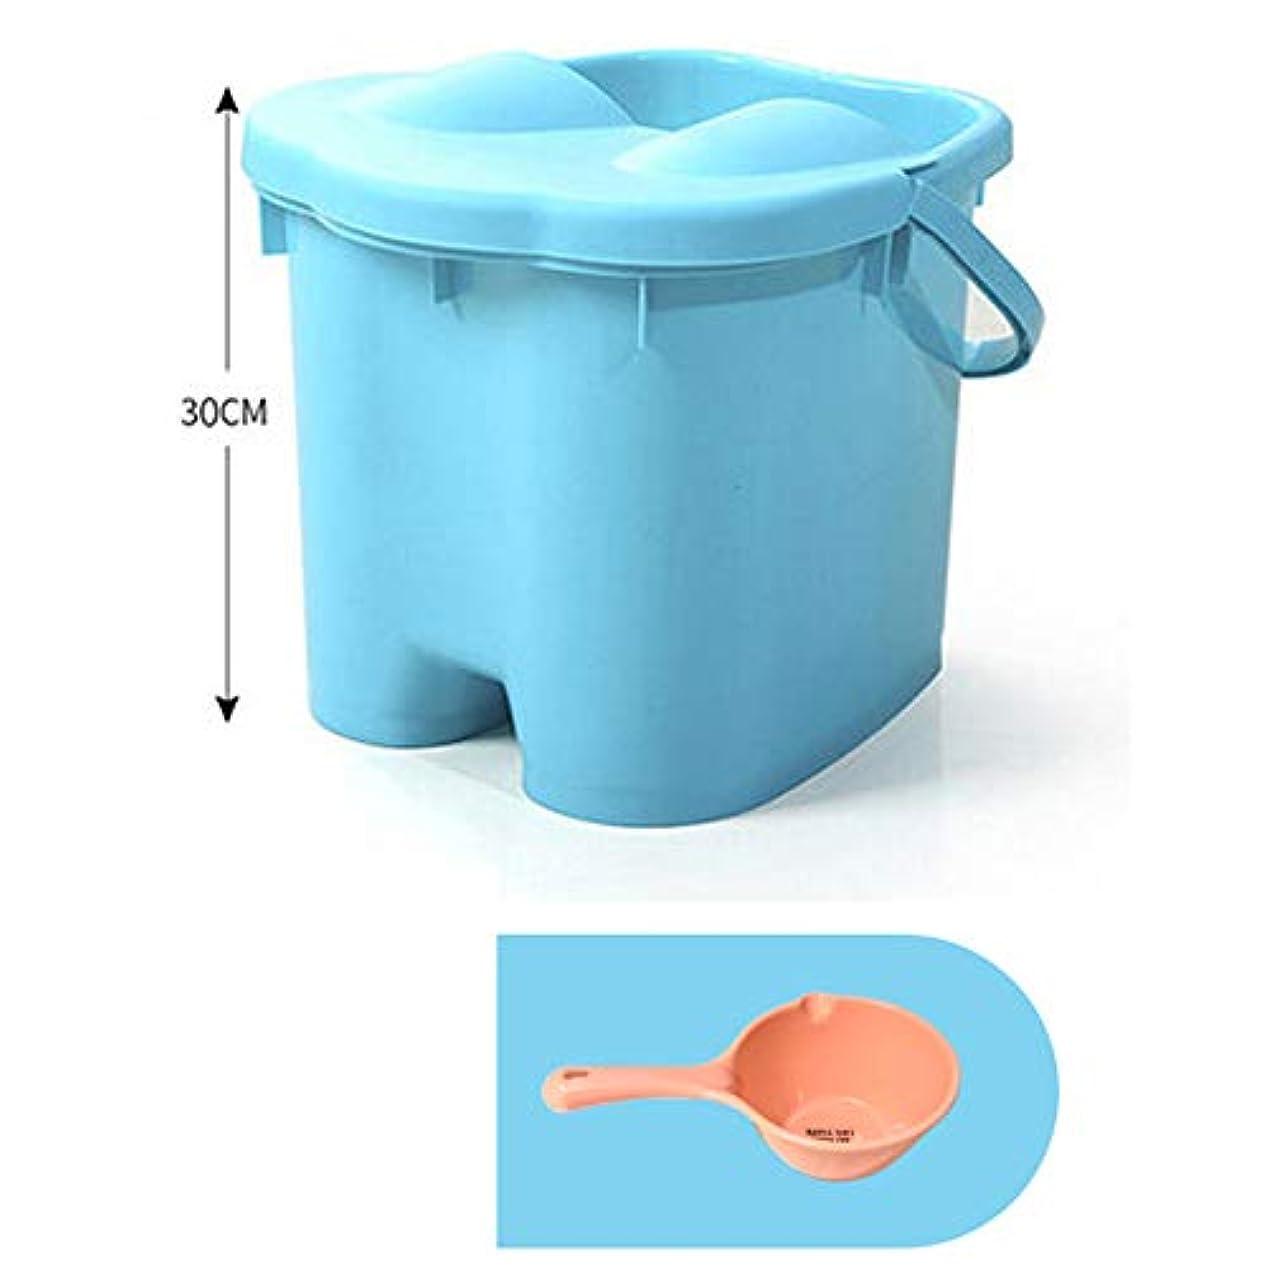 キリマンジャロ食べる権限を与えるAkagi 保温フットバス 足湯 足つぼ フットバス 保温機能 バブル機能 フットバス 足湯 バブル 足湯 足つぼ